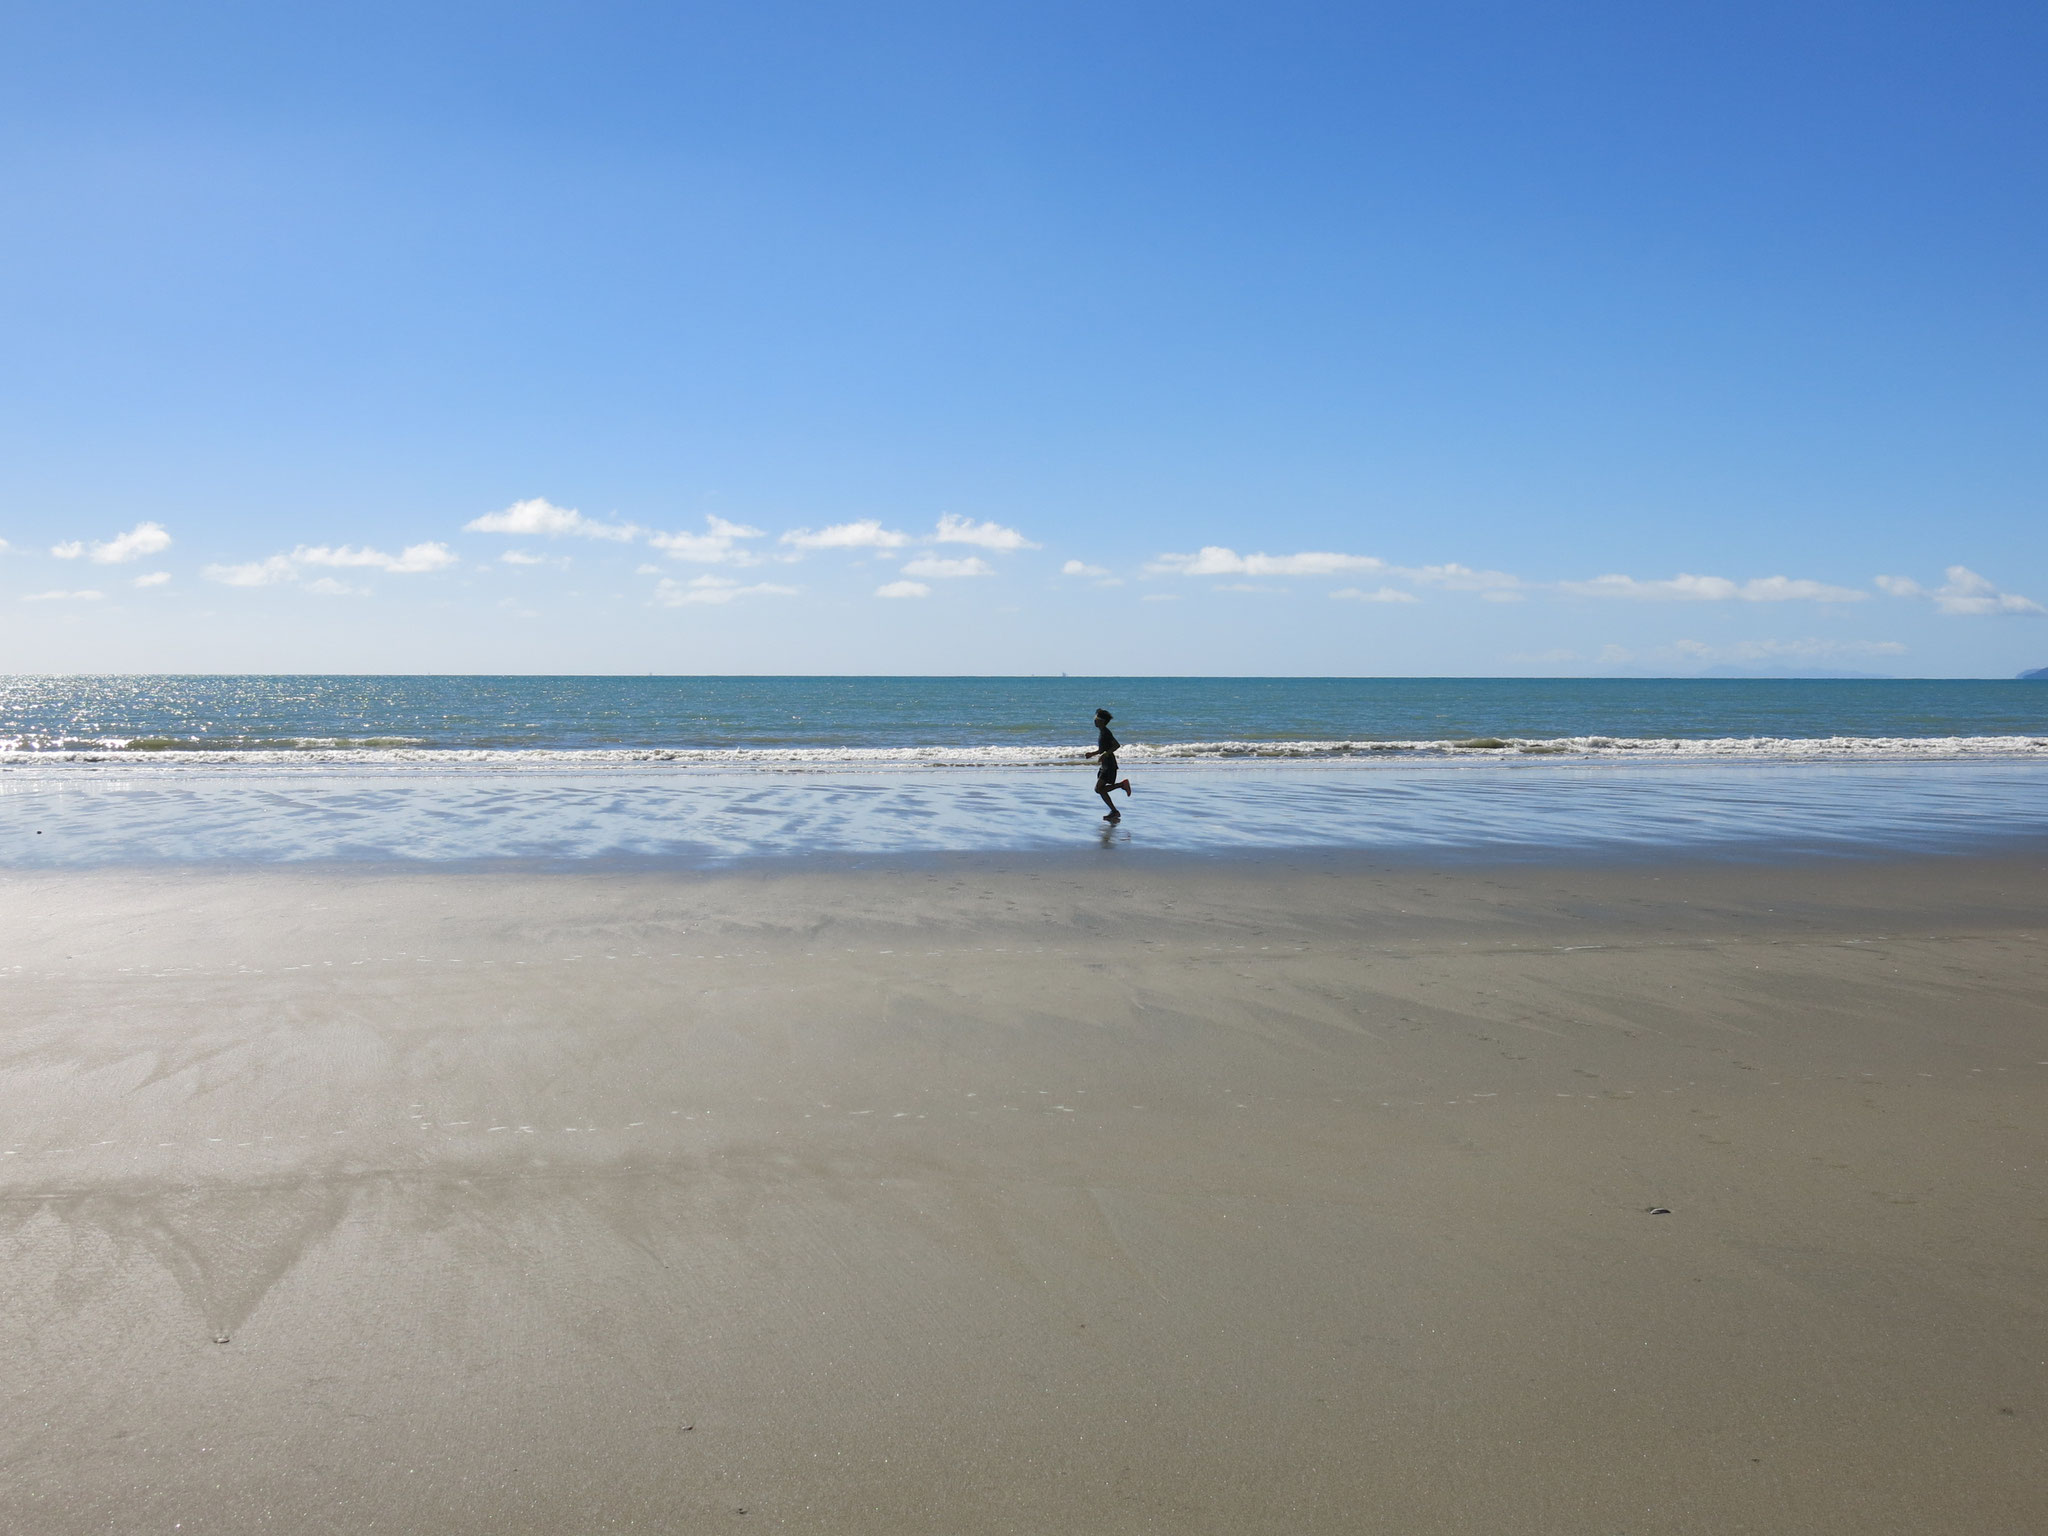 ラビットアイランド 島内の森林コース(土)と広々としたビーチ